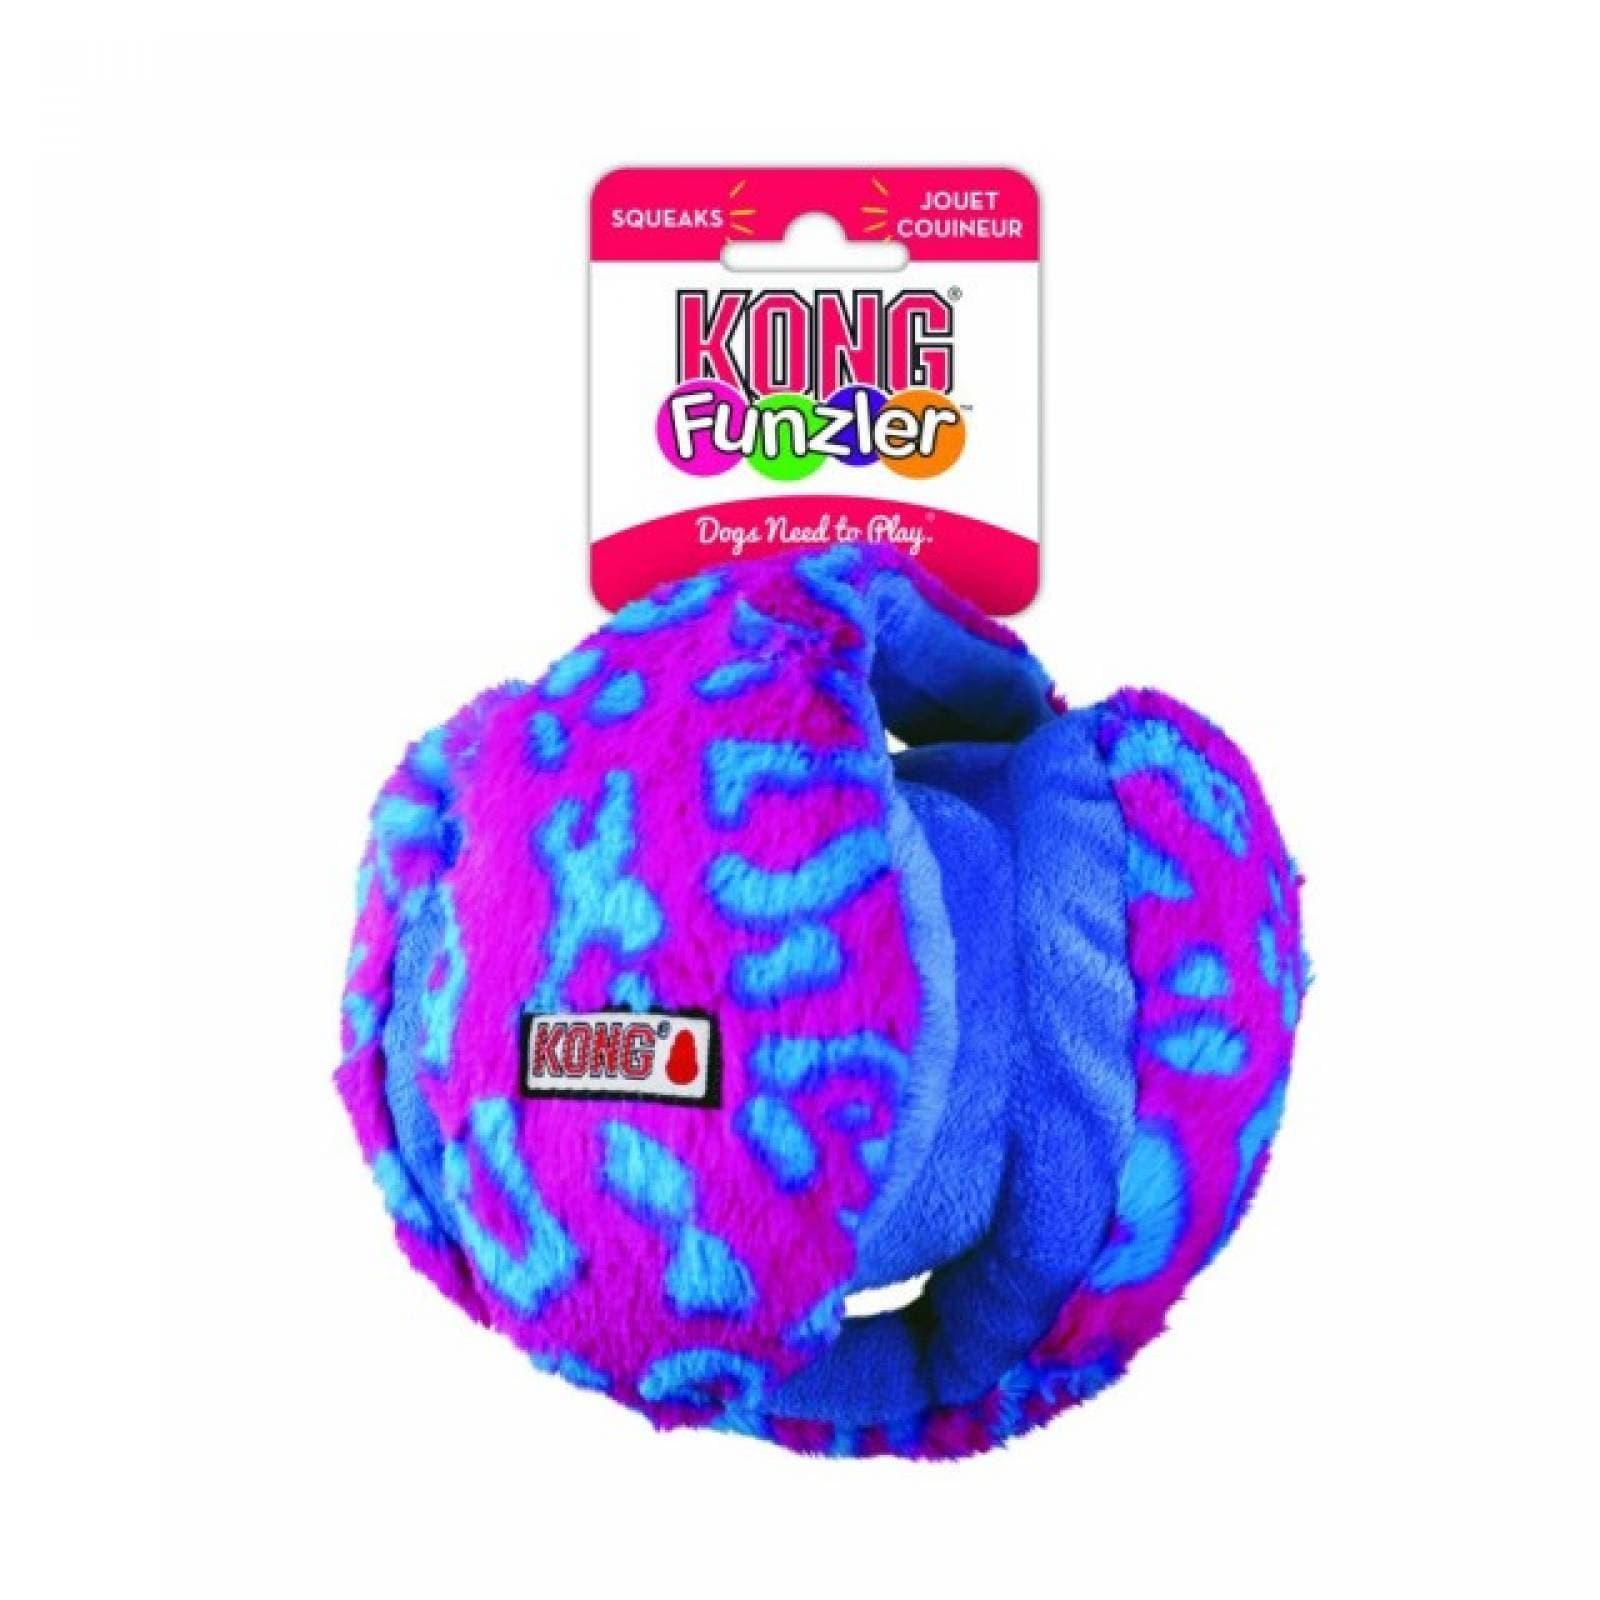 Kong Funzler Pelota para Perro Azul-Rosa Med